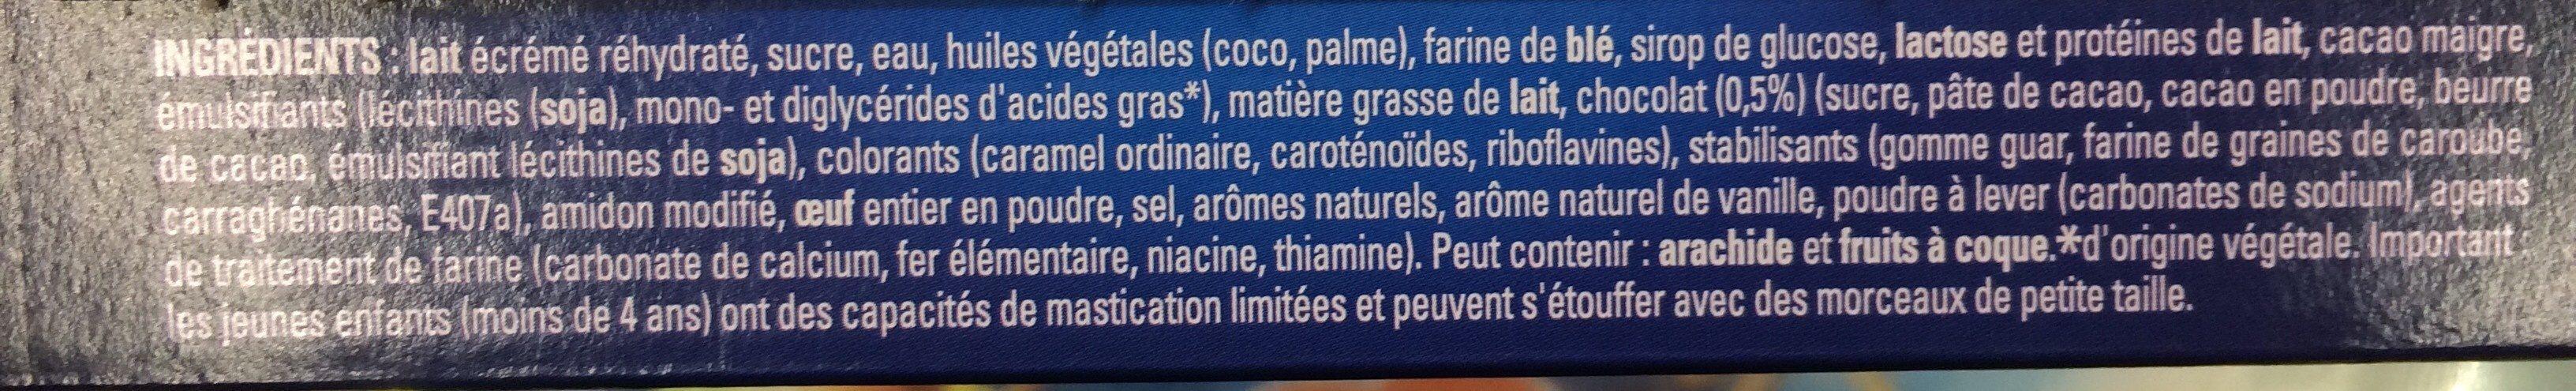 Glace cookie - Ingredienti - fr